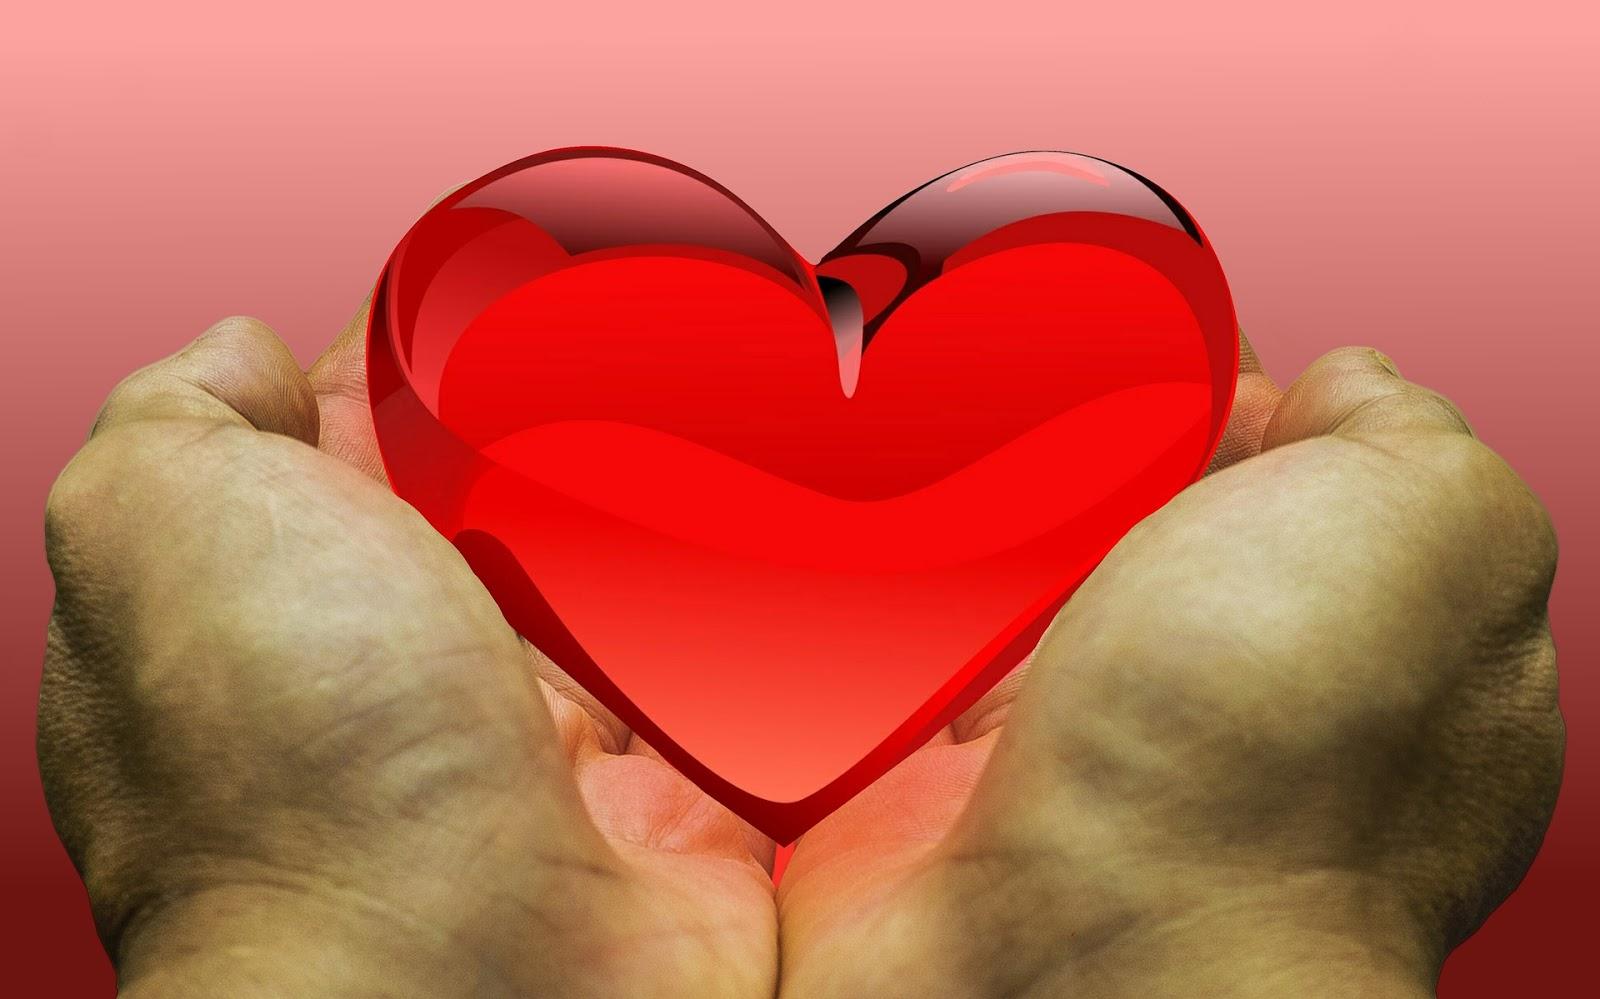 Walentynkowe przemyślenia - Miłości nie kupisz.